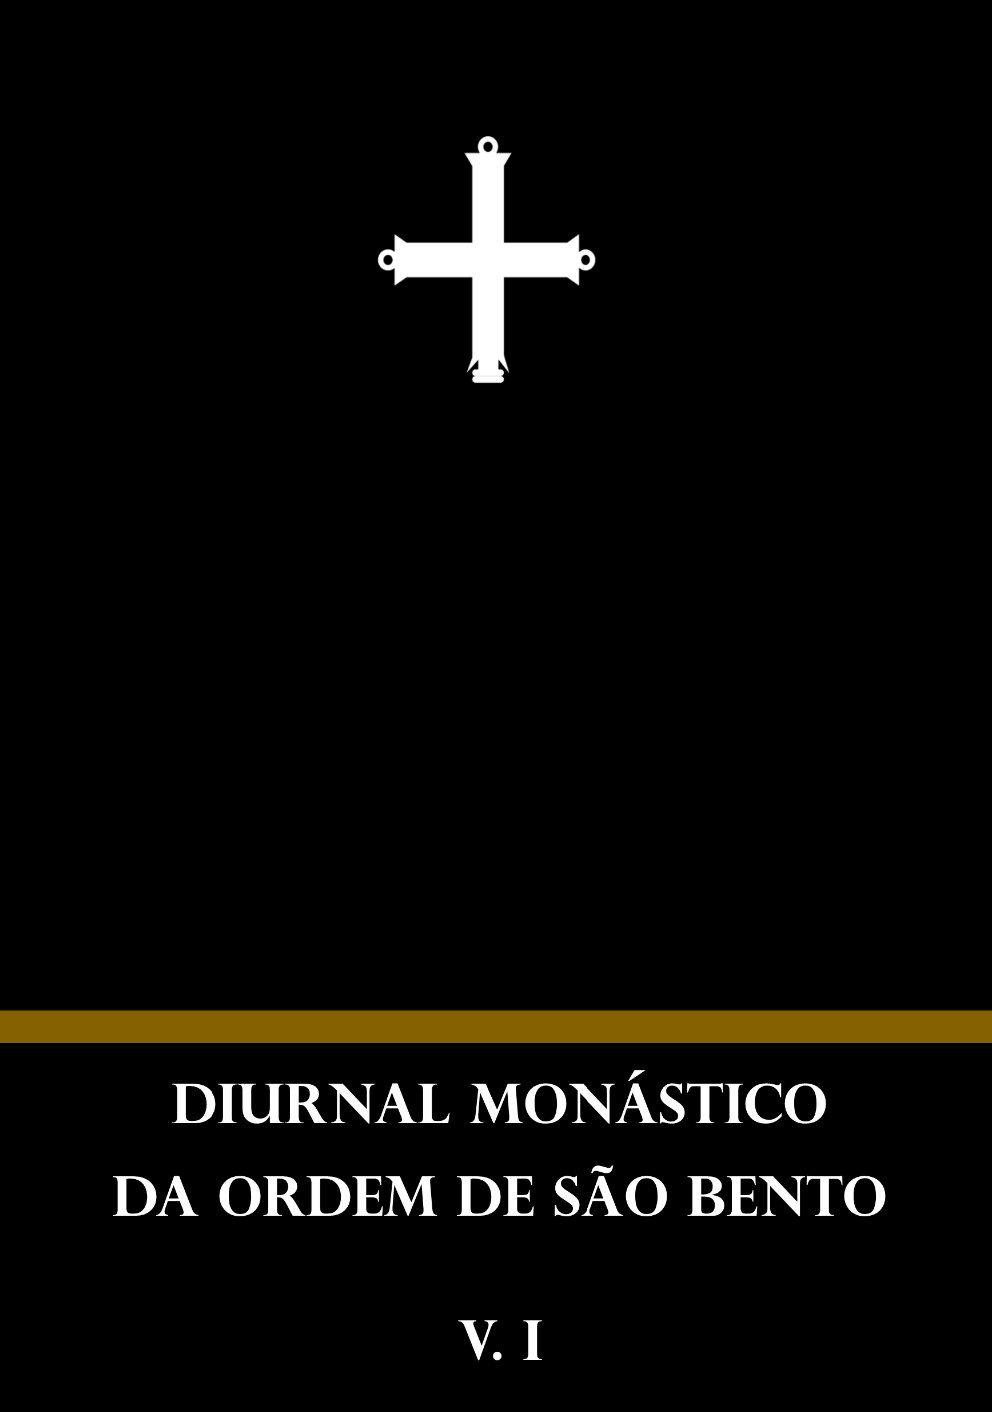 Diurnal Monástico Beneditino - V. I